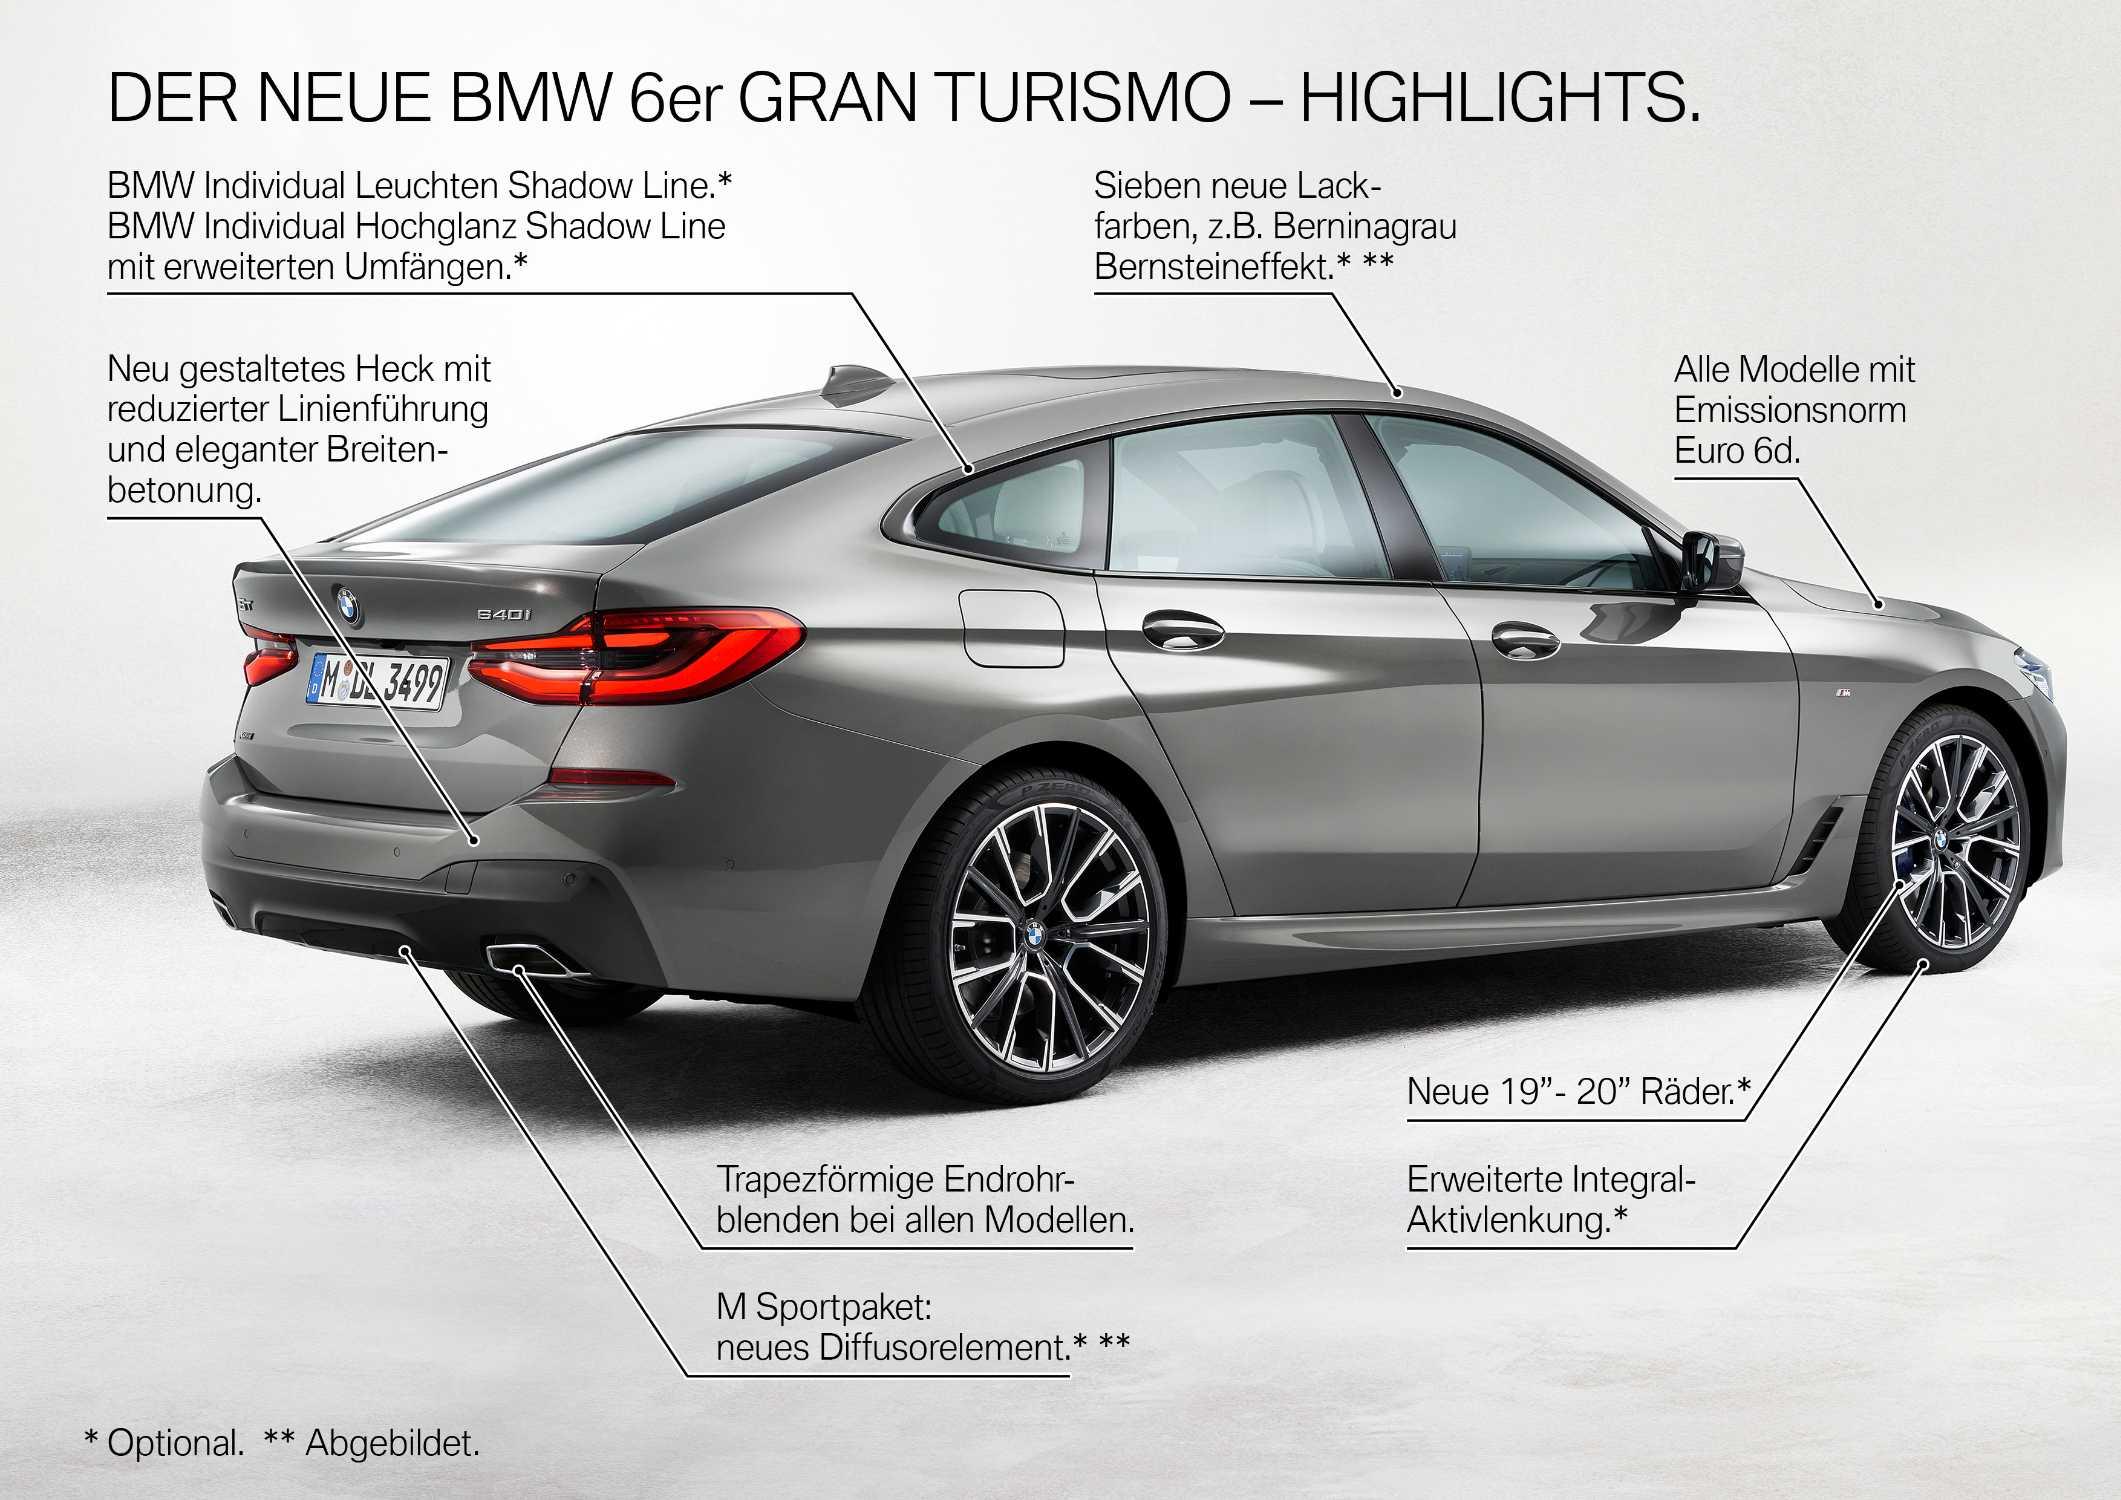 Der neue BMW 6er Gran Turismo – Highlights (05/2020).